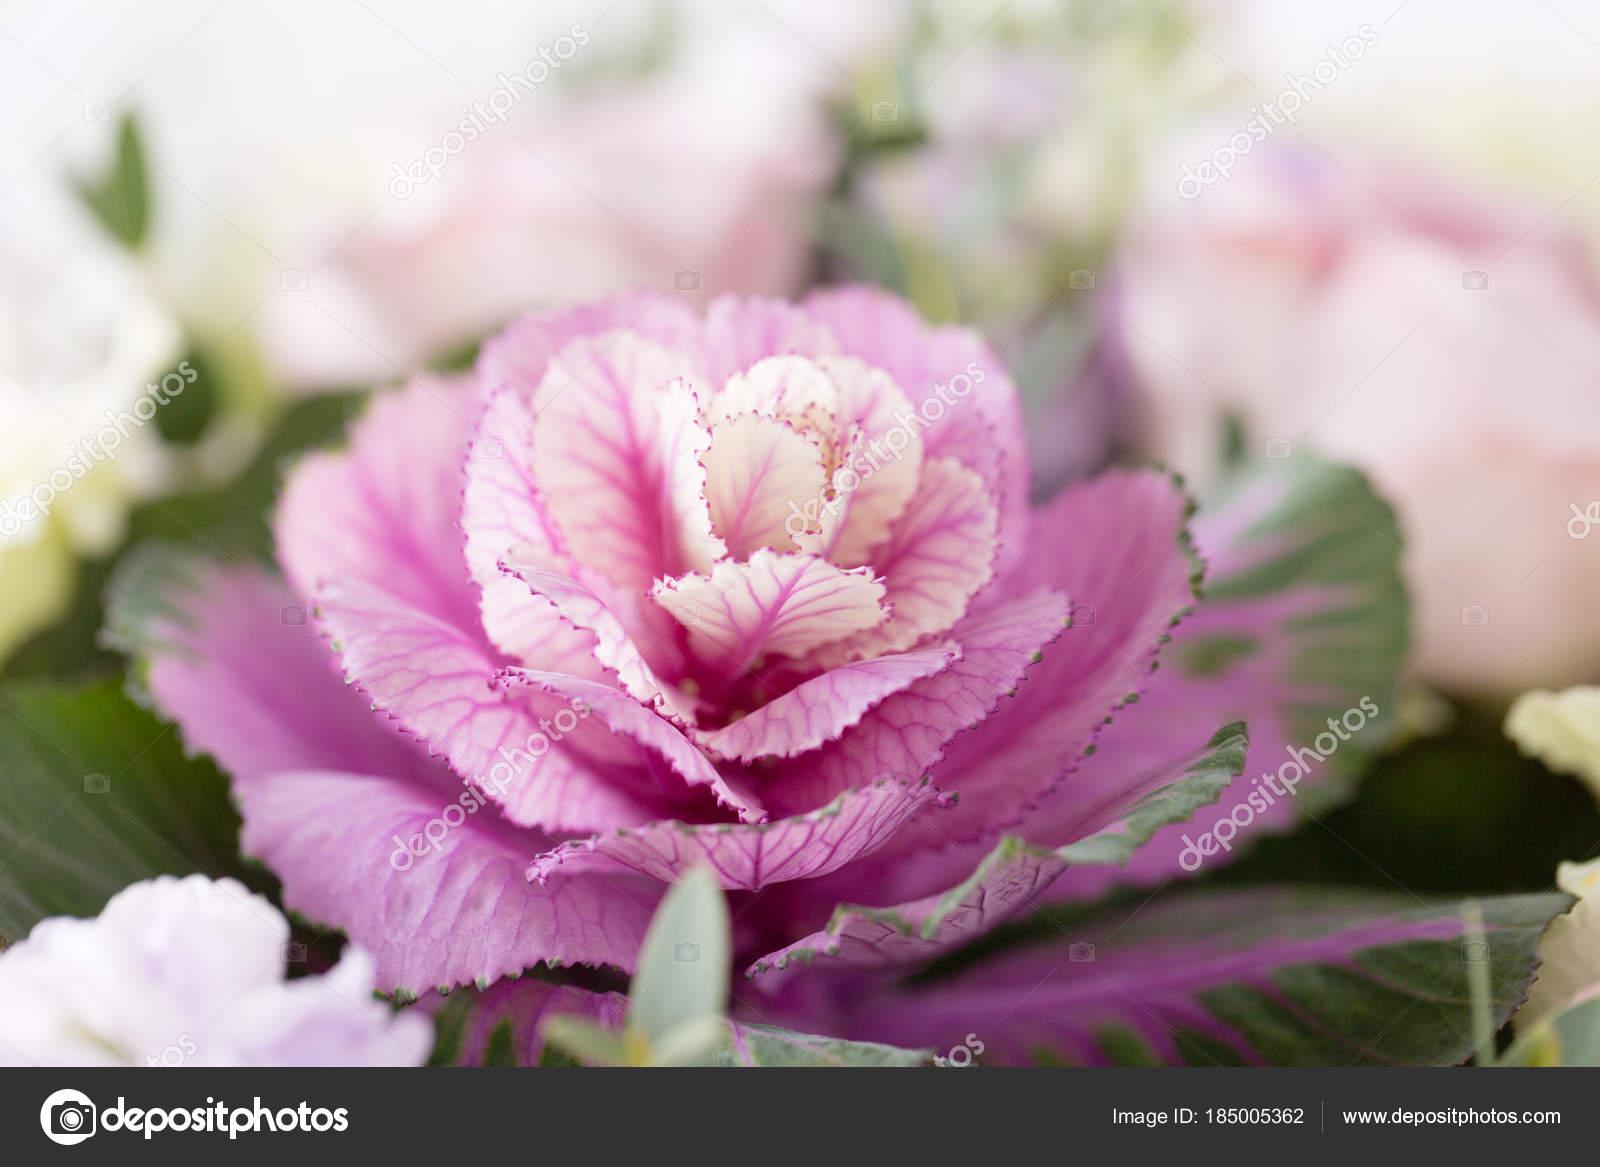 chou mauve décoratif. fleur de drôle insolite de brassica oleracea